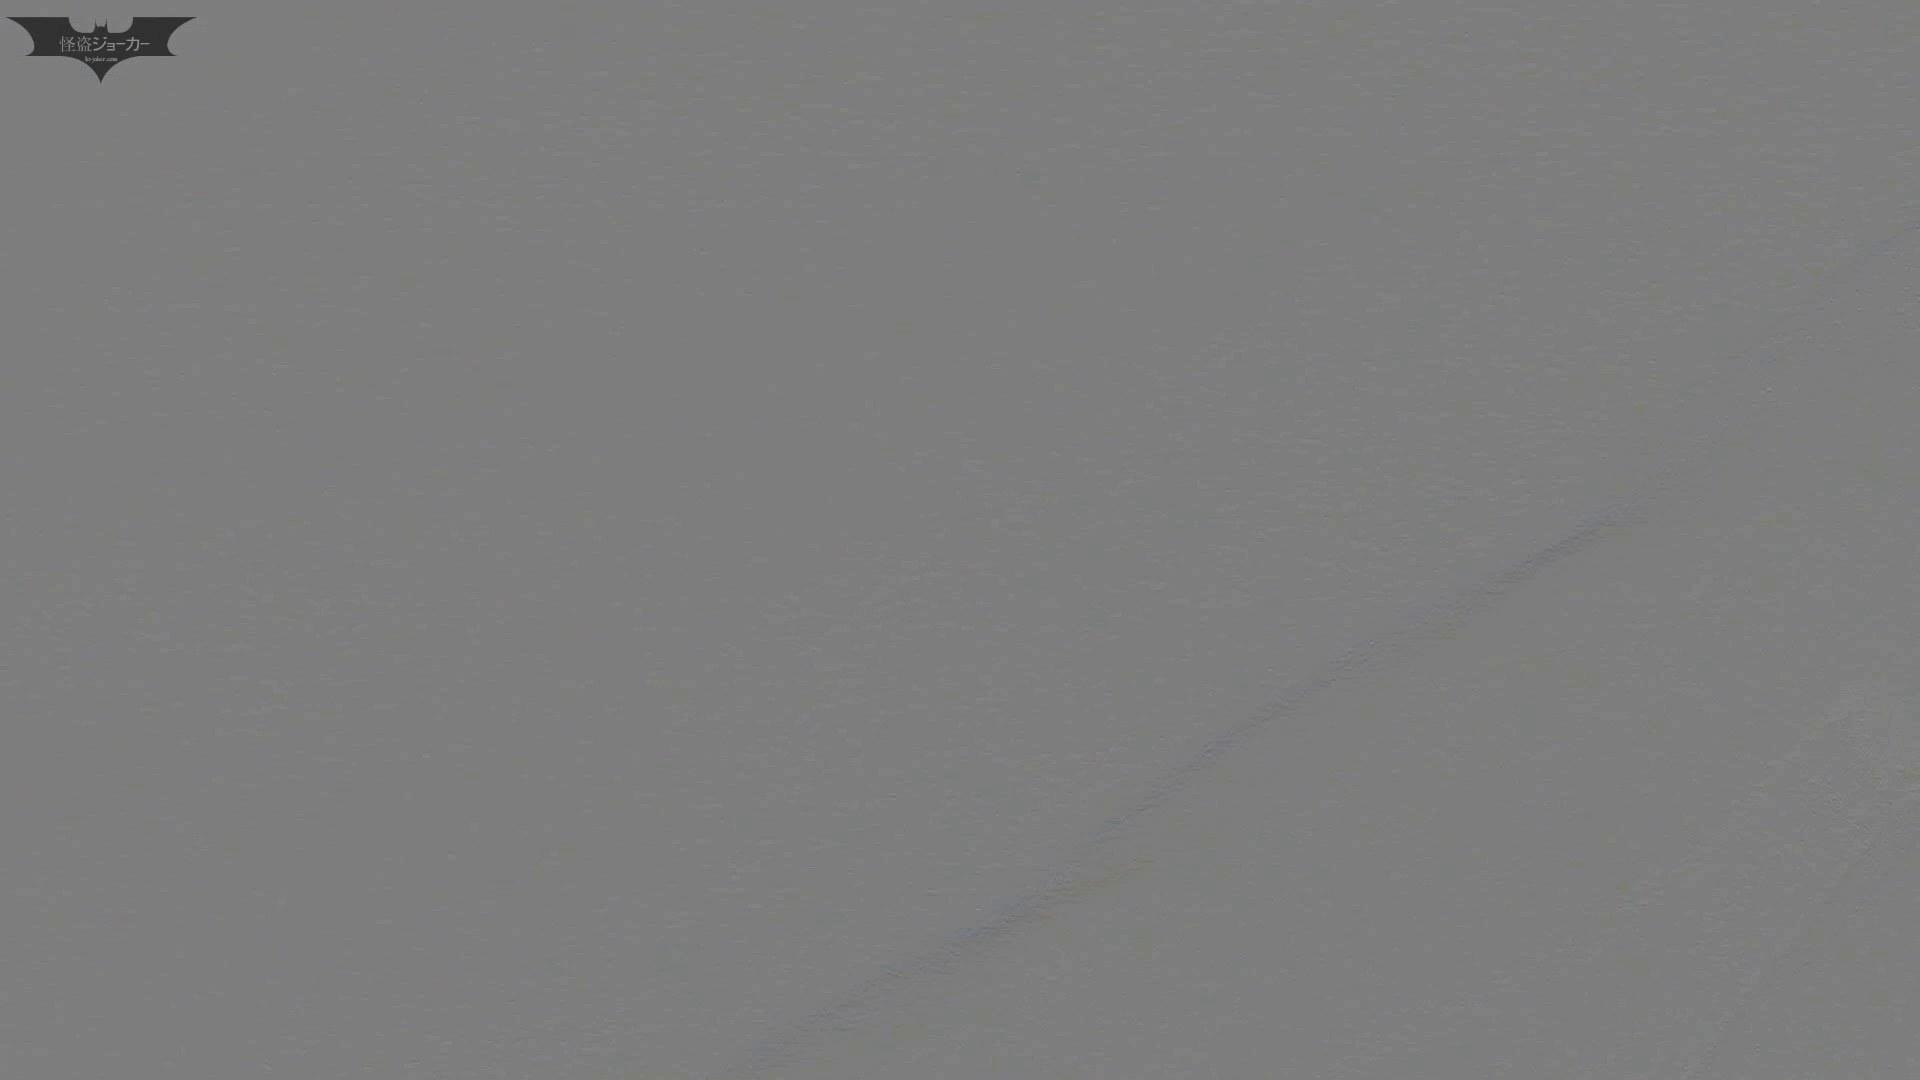 新世界の射窓 No64日本ギャル登場か?ハイヒール大特集! ギャル盗撮映像  84PIX 20